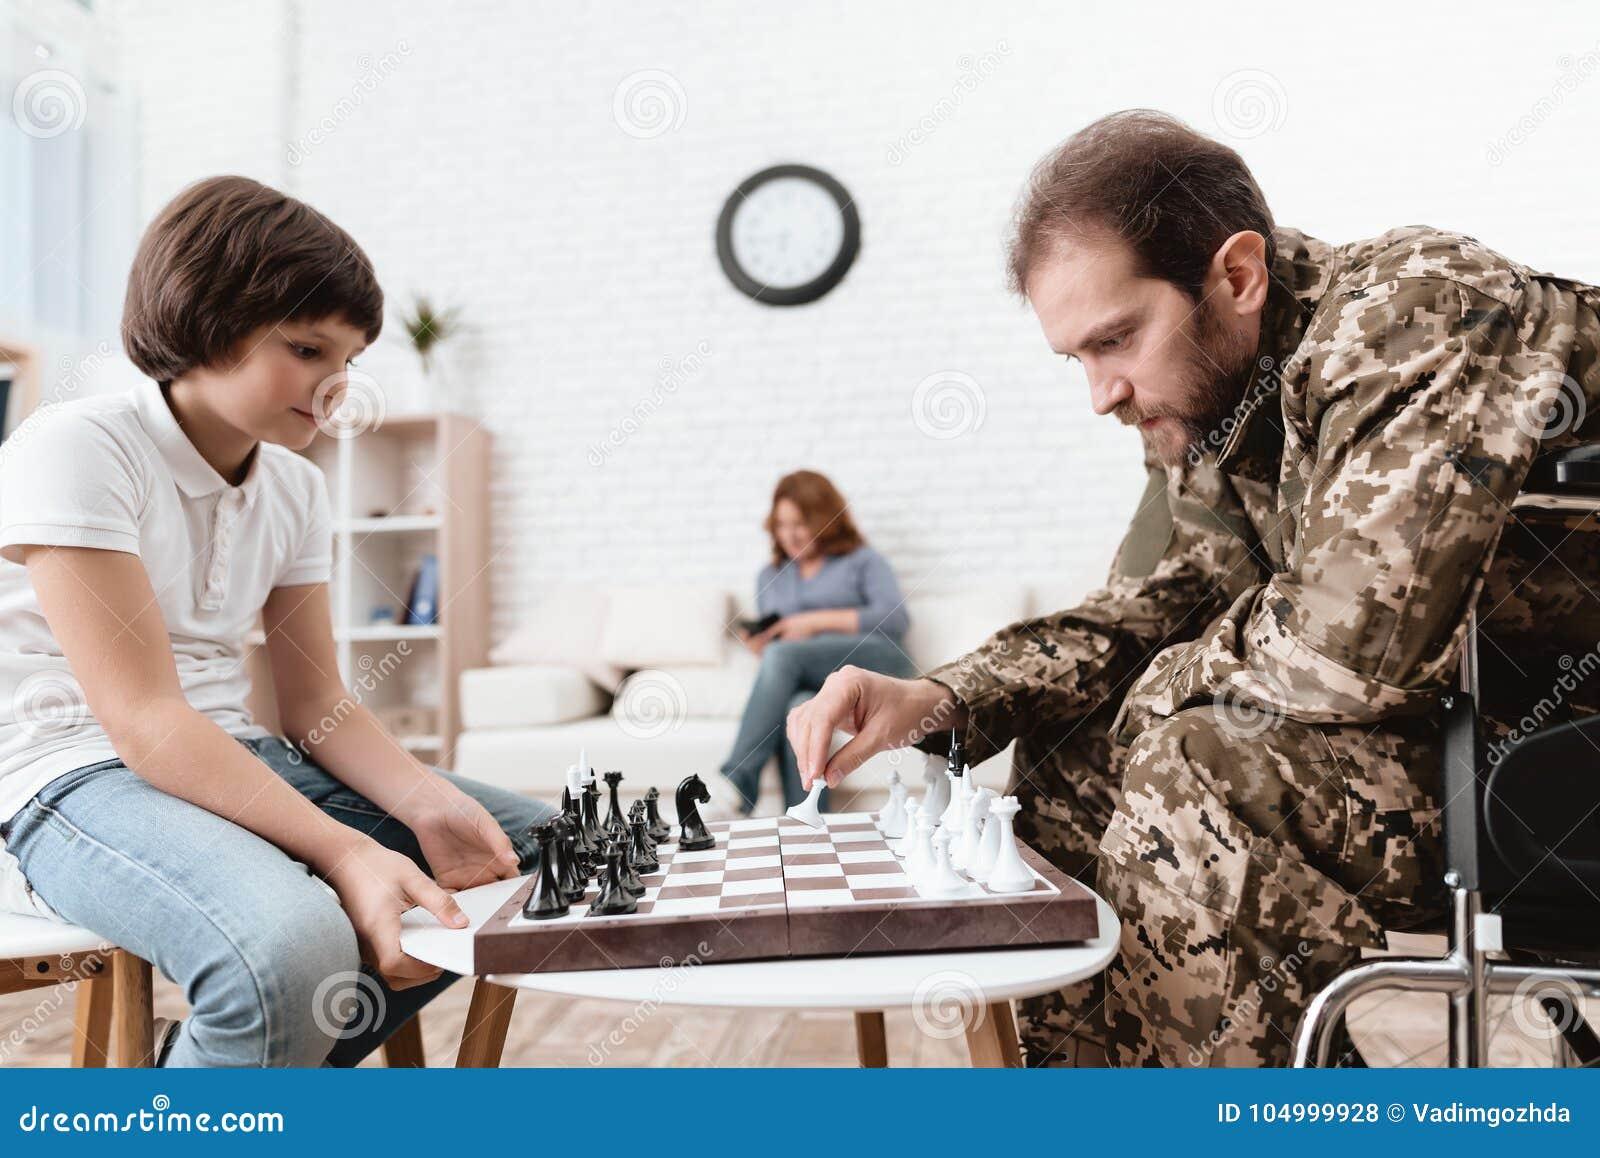 Veteran i militär likformig i en rullstol En handikappade personerman spelar med hans son i schack